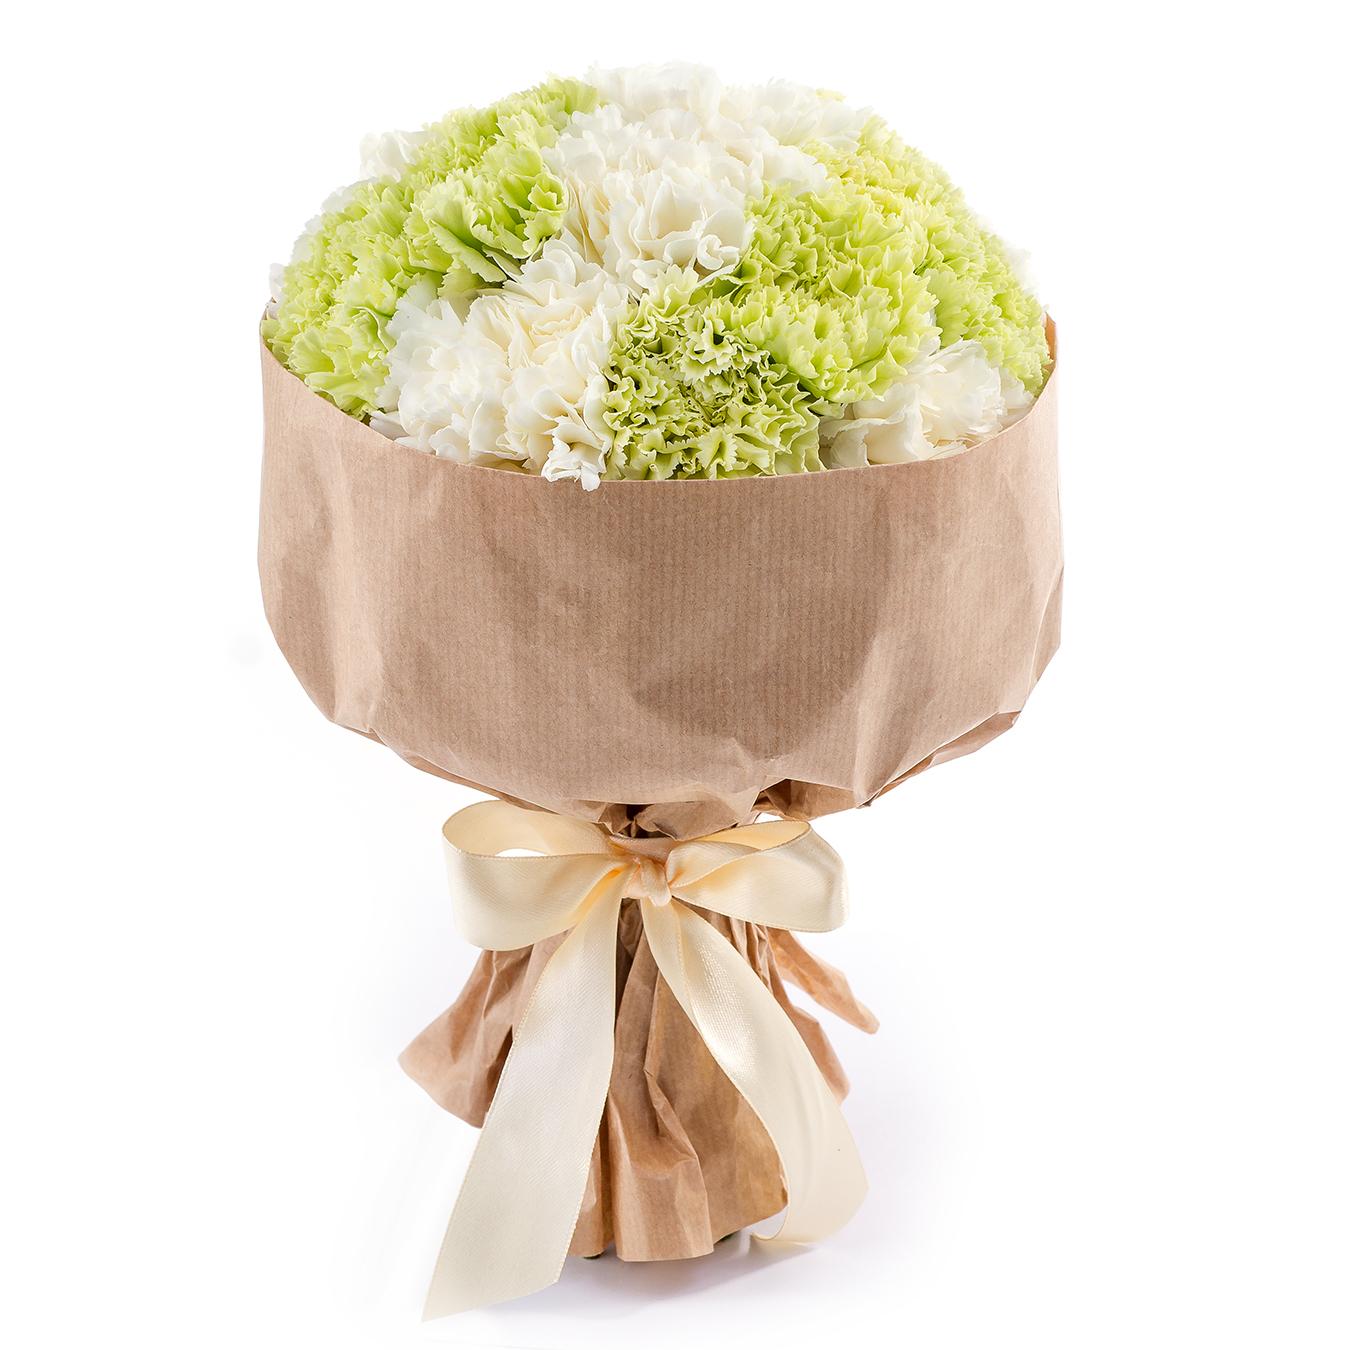 Авторский букет цветов Наливное яблочко<br>Ингредиенты: Гвоздика 11 шт, Крафт 1 шт;